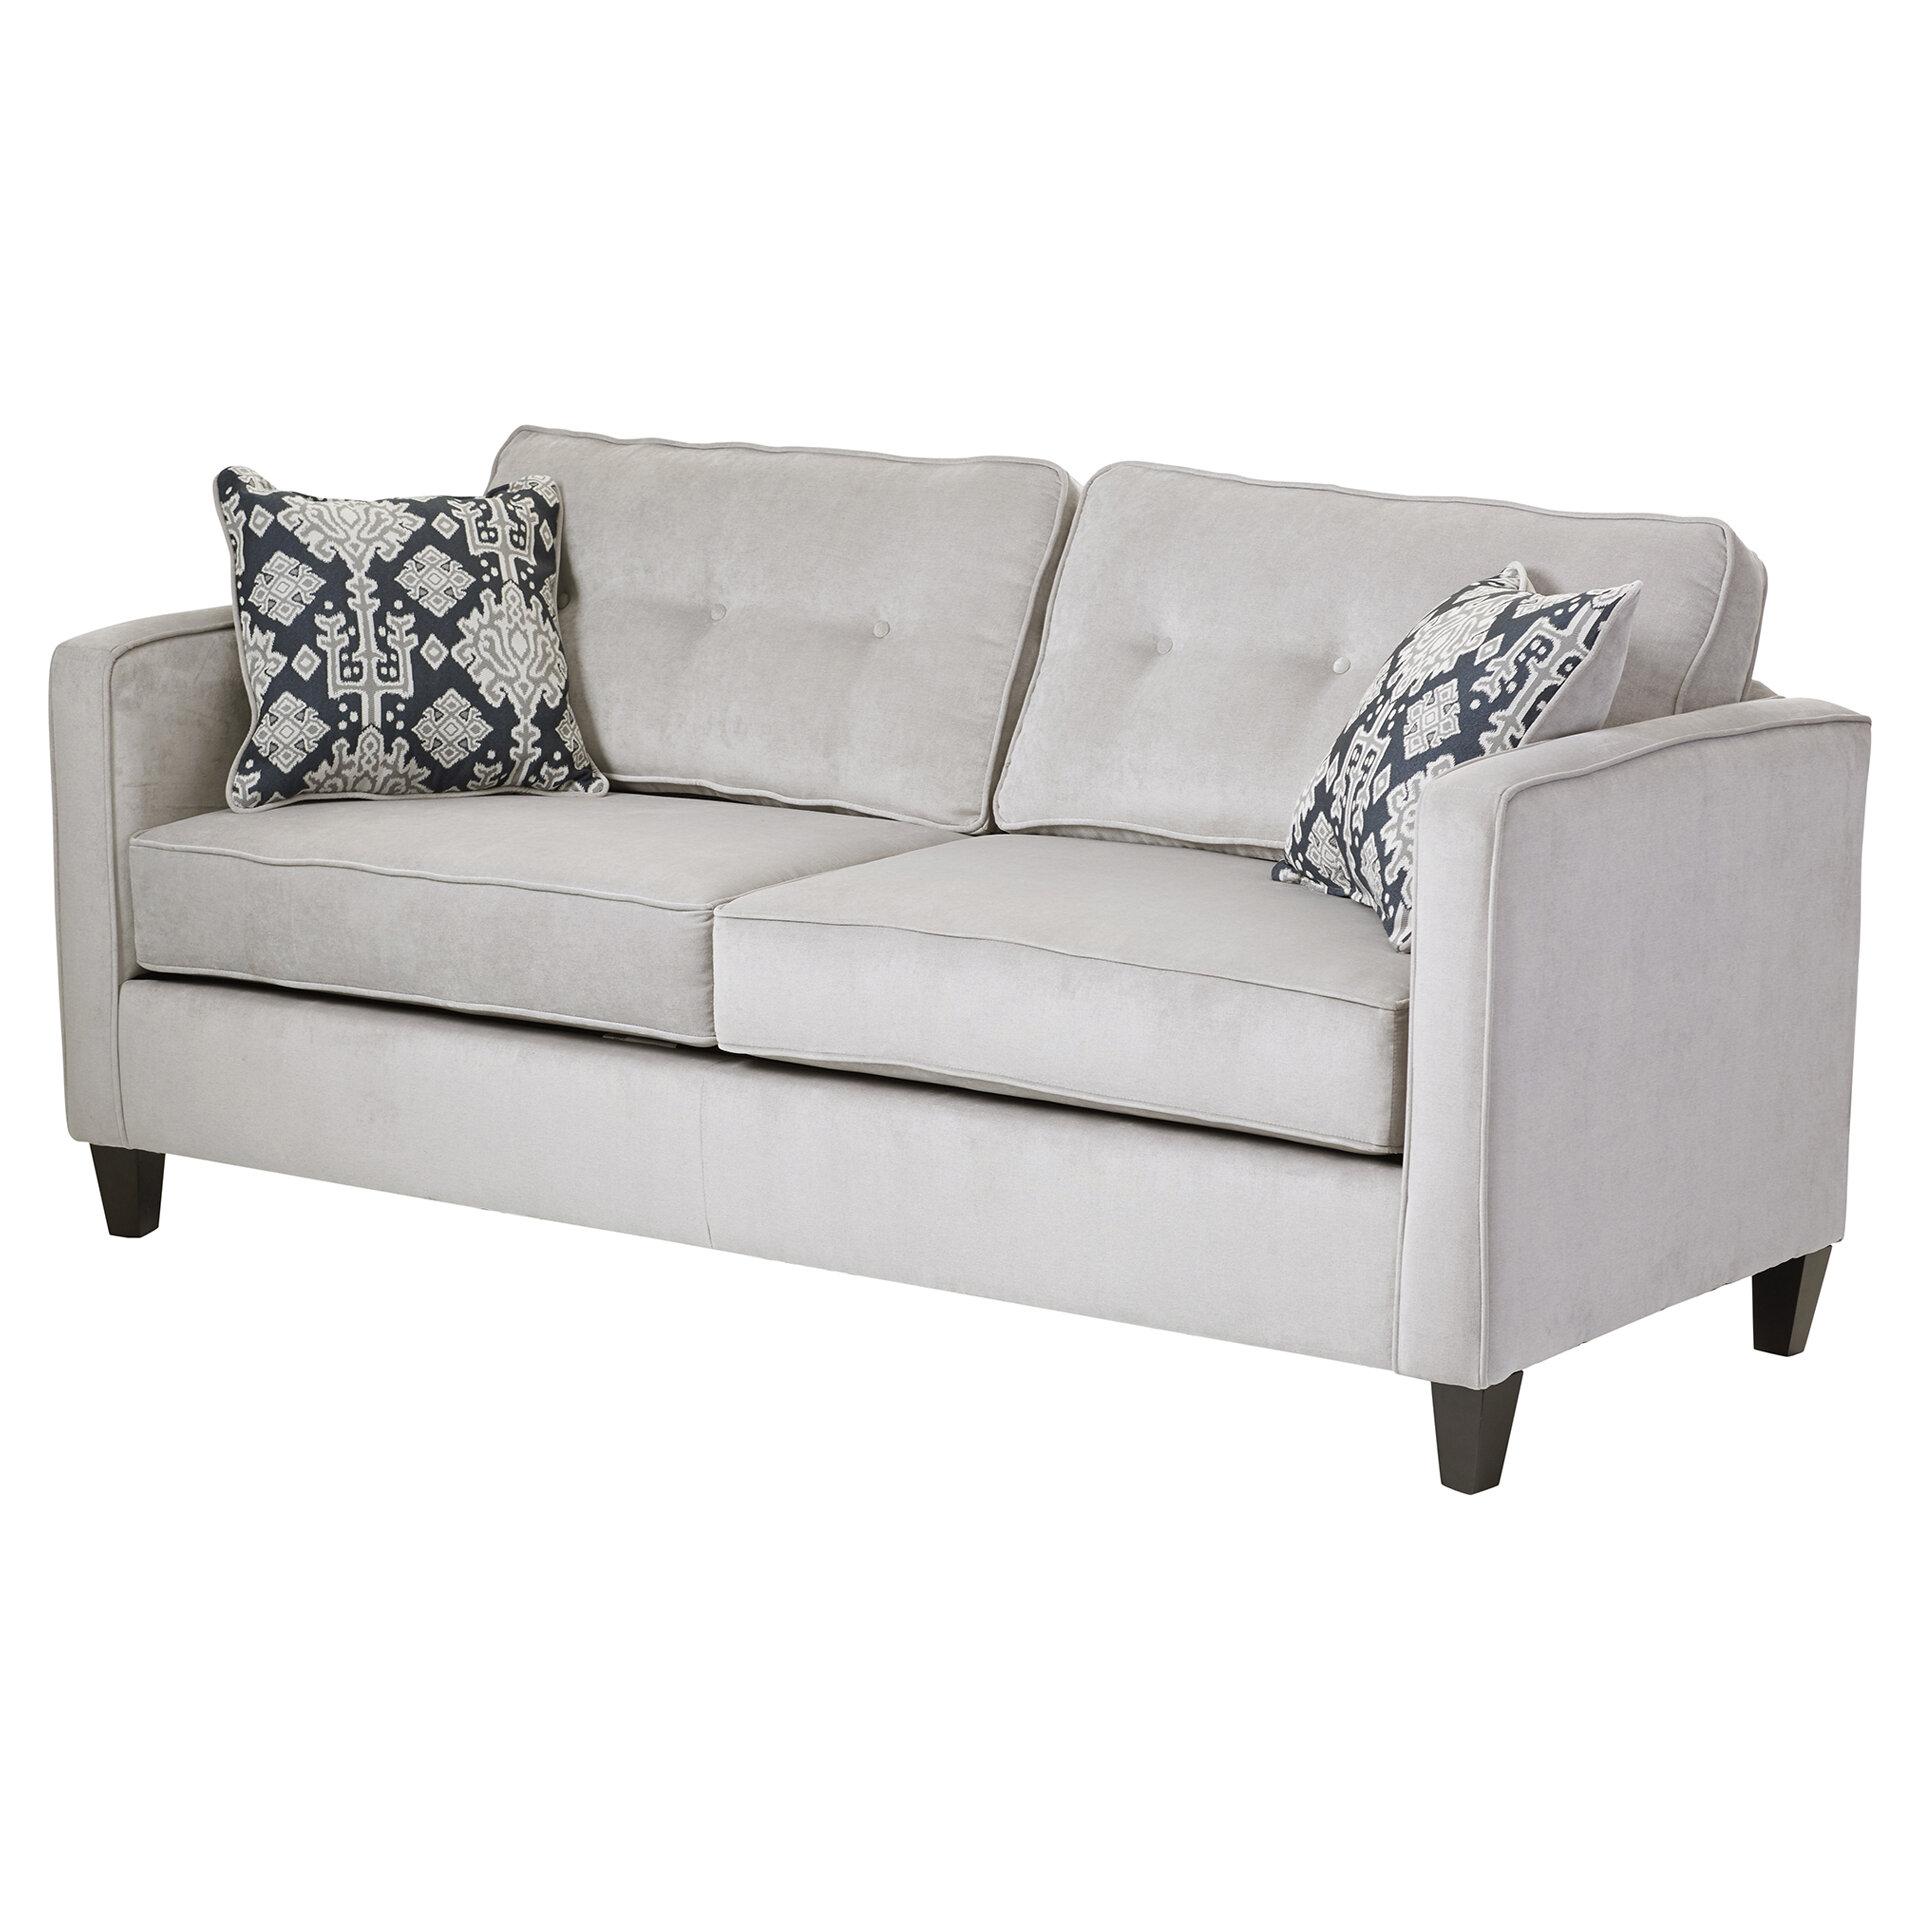 Dengler Sofa